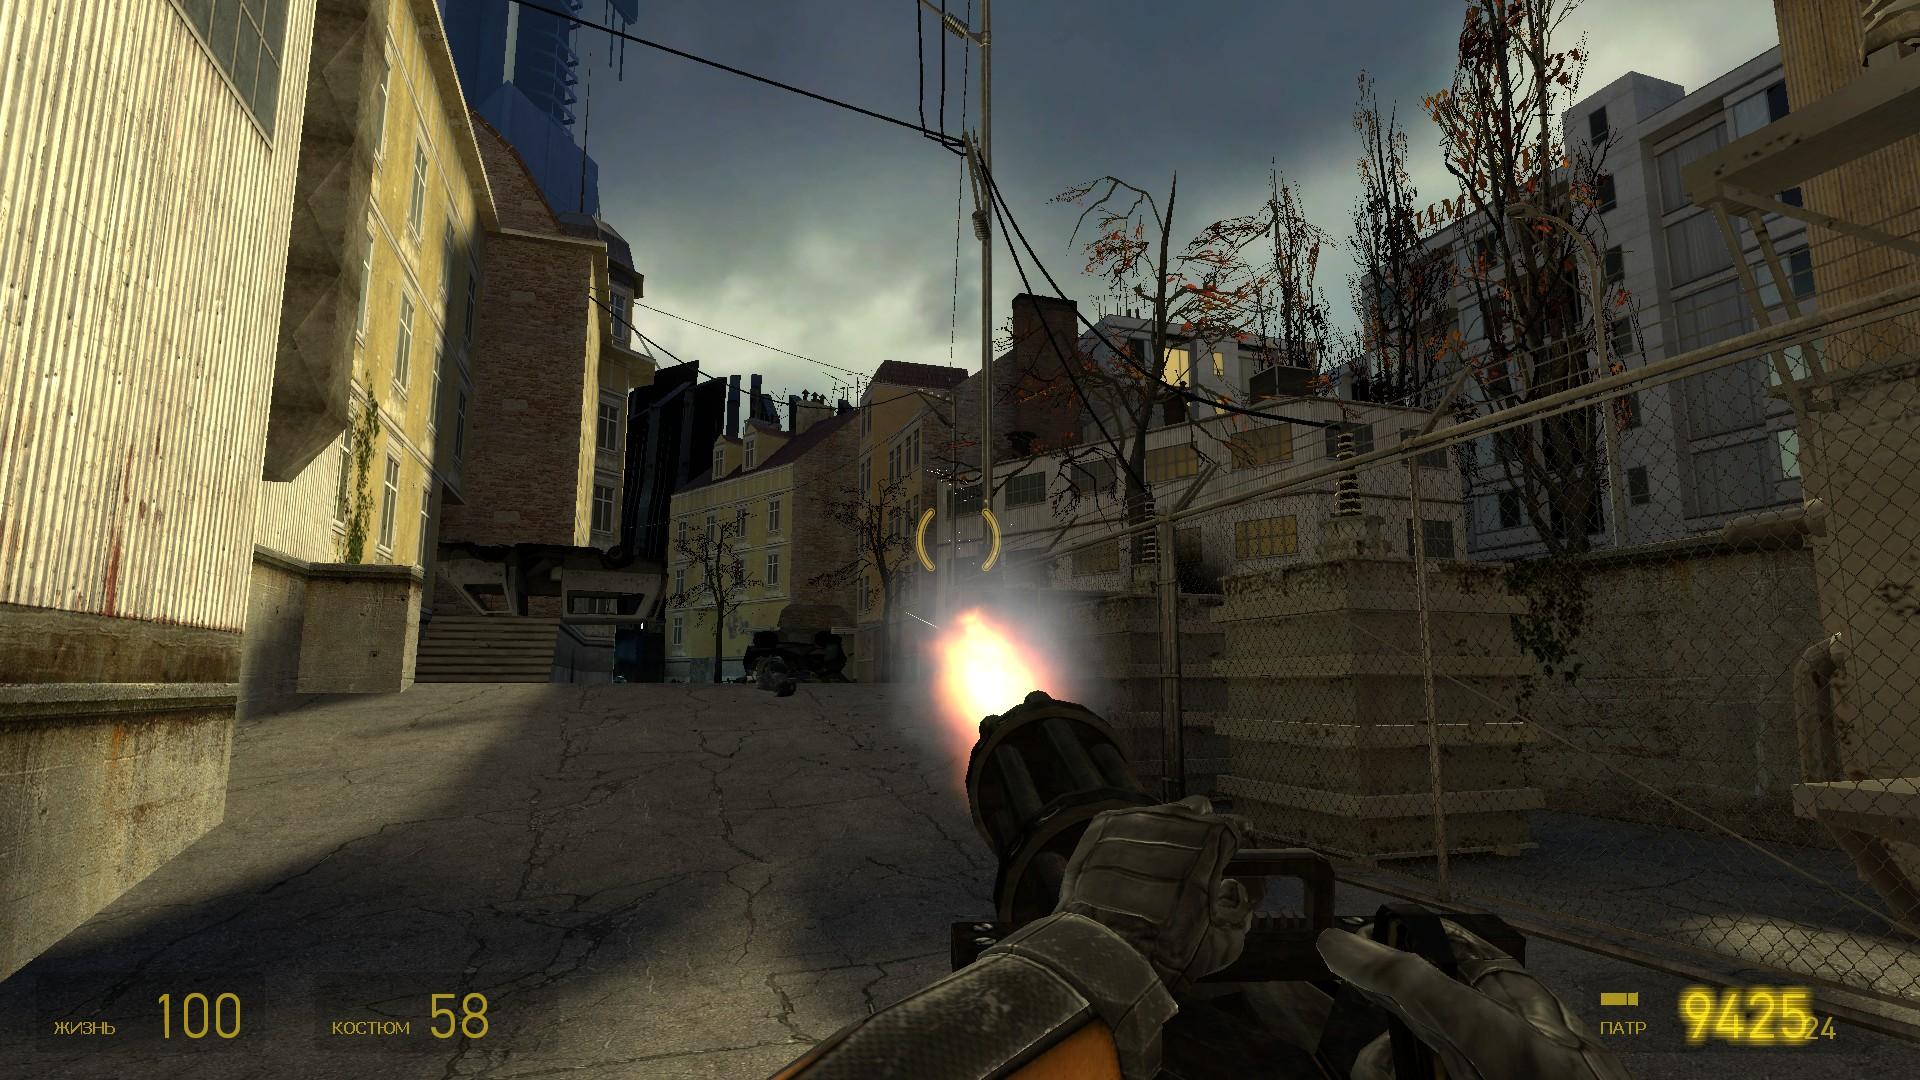 minigun2 - Half-Life 2